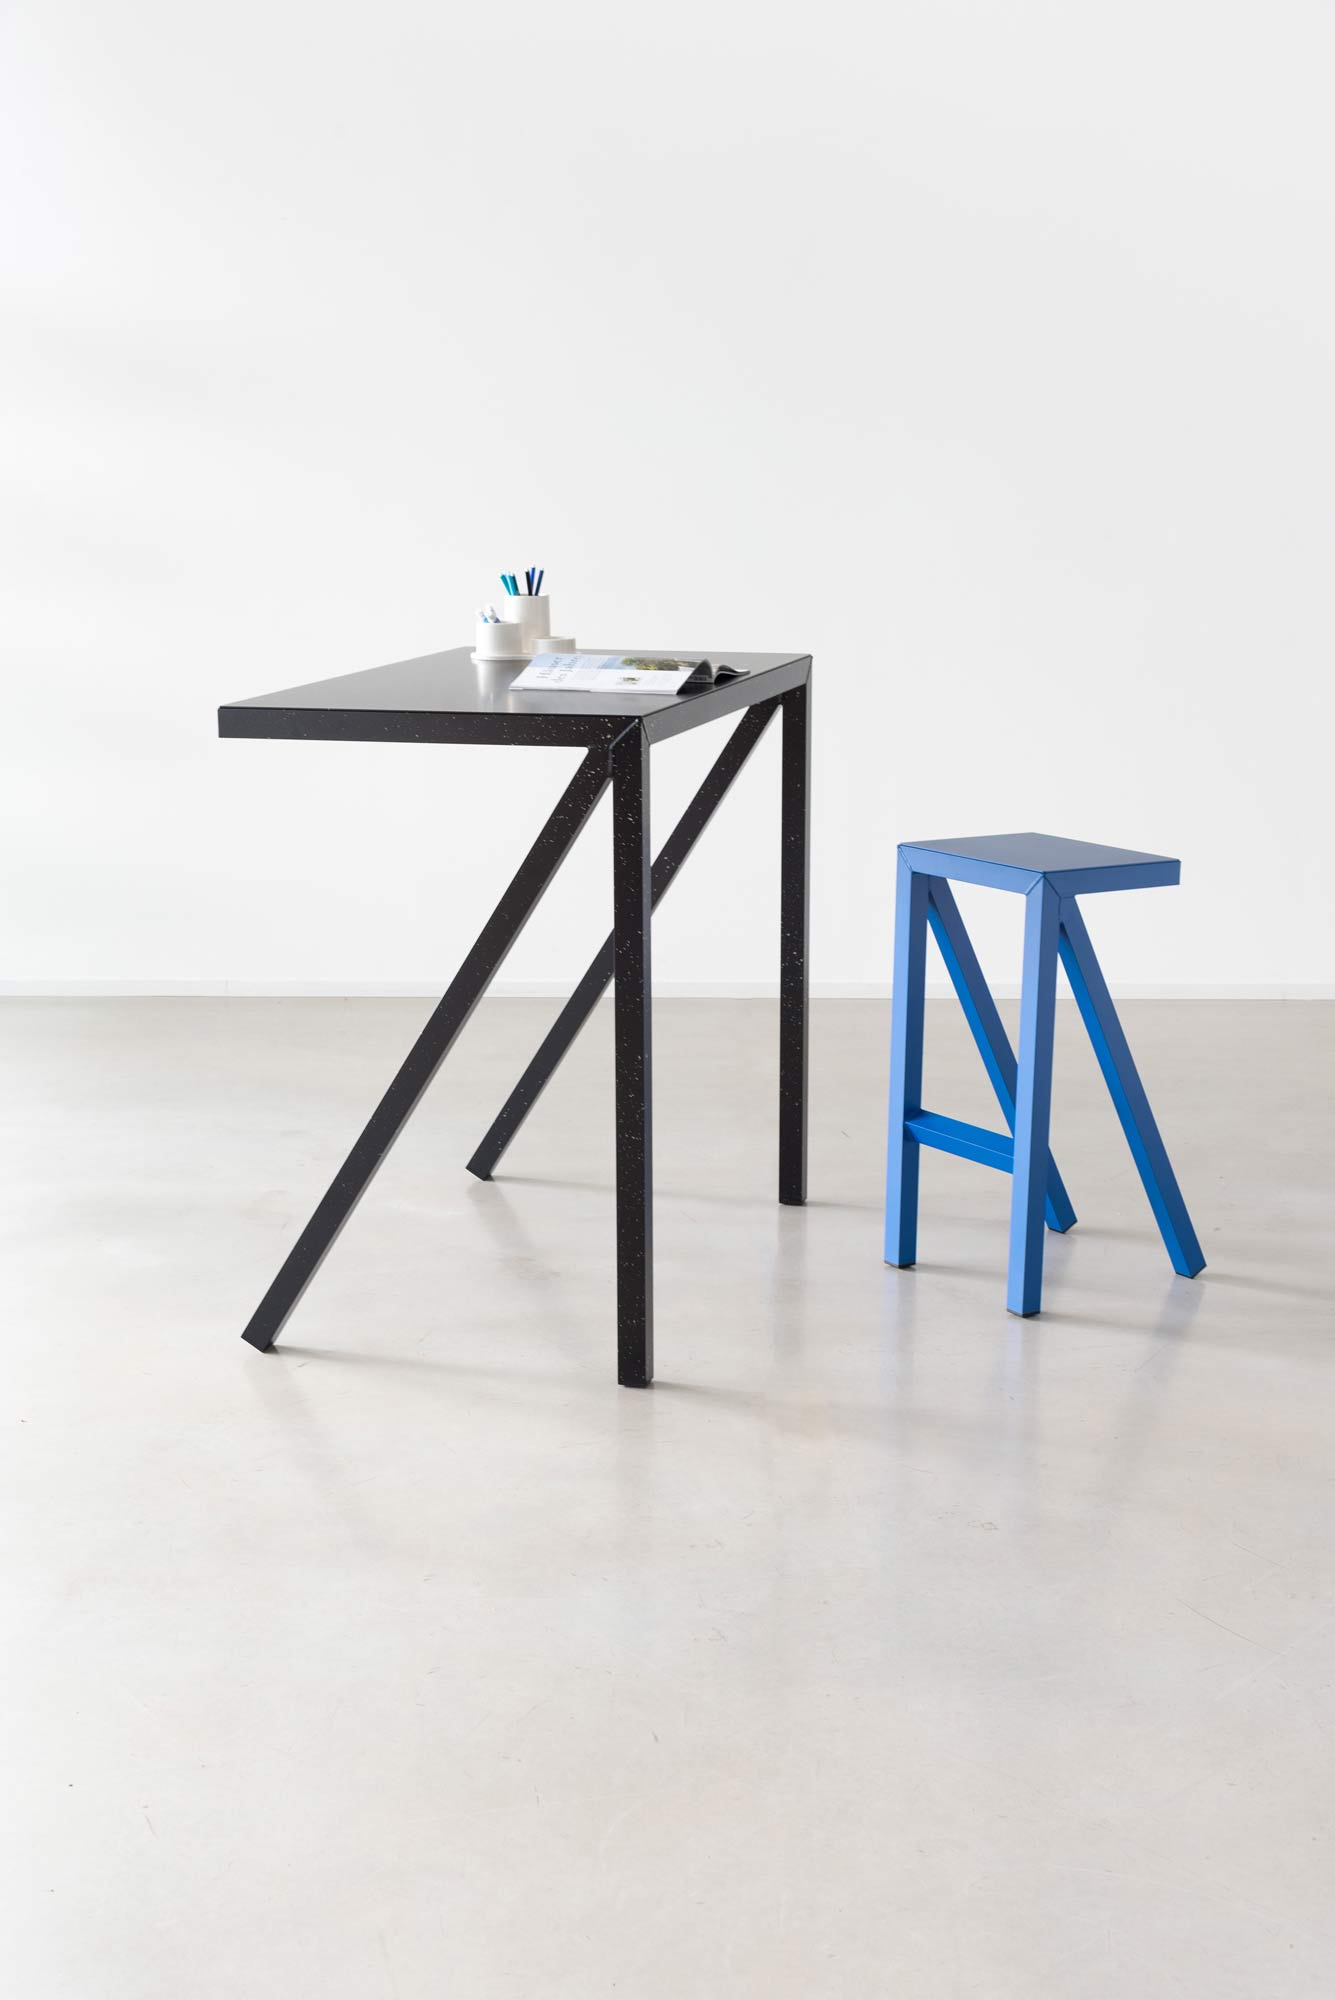 Funktionale Möbelkollektion von Jerszy Seymour für Magis